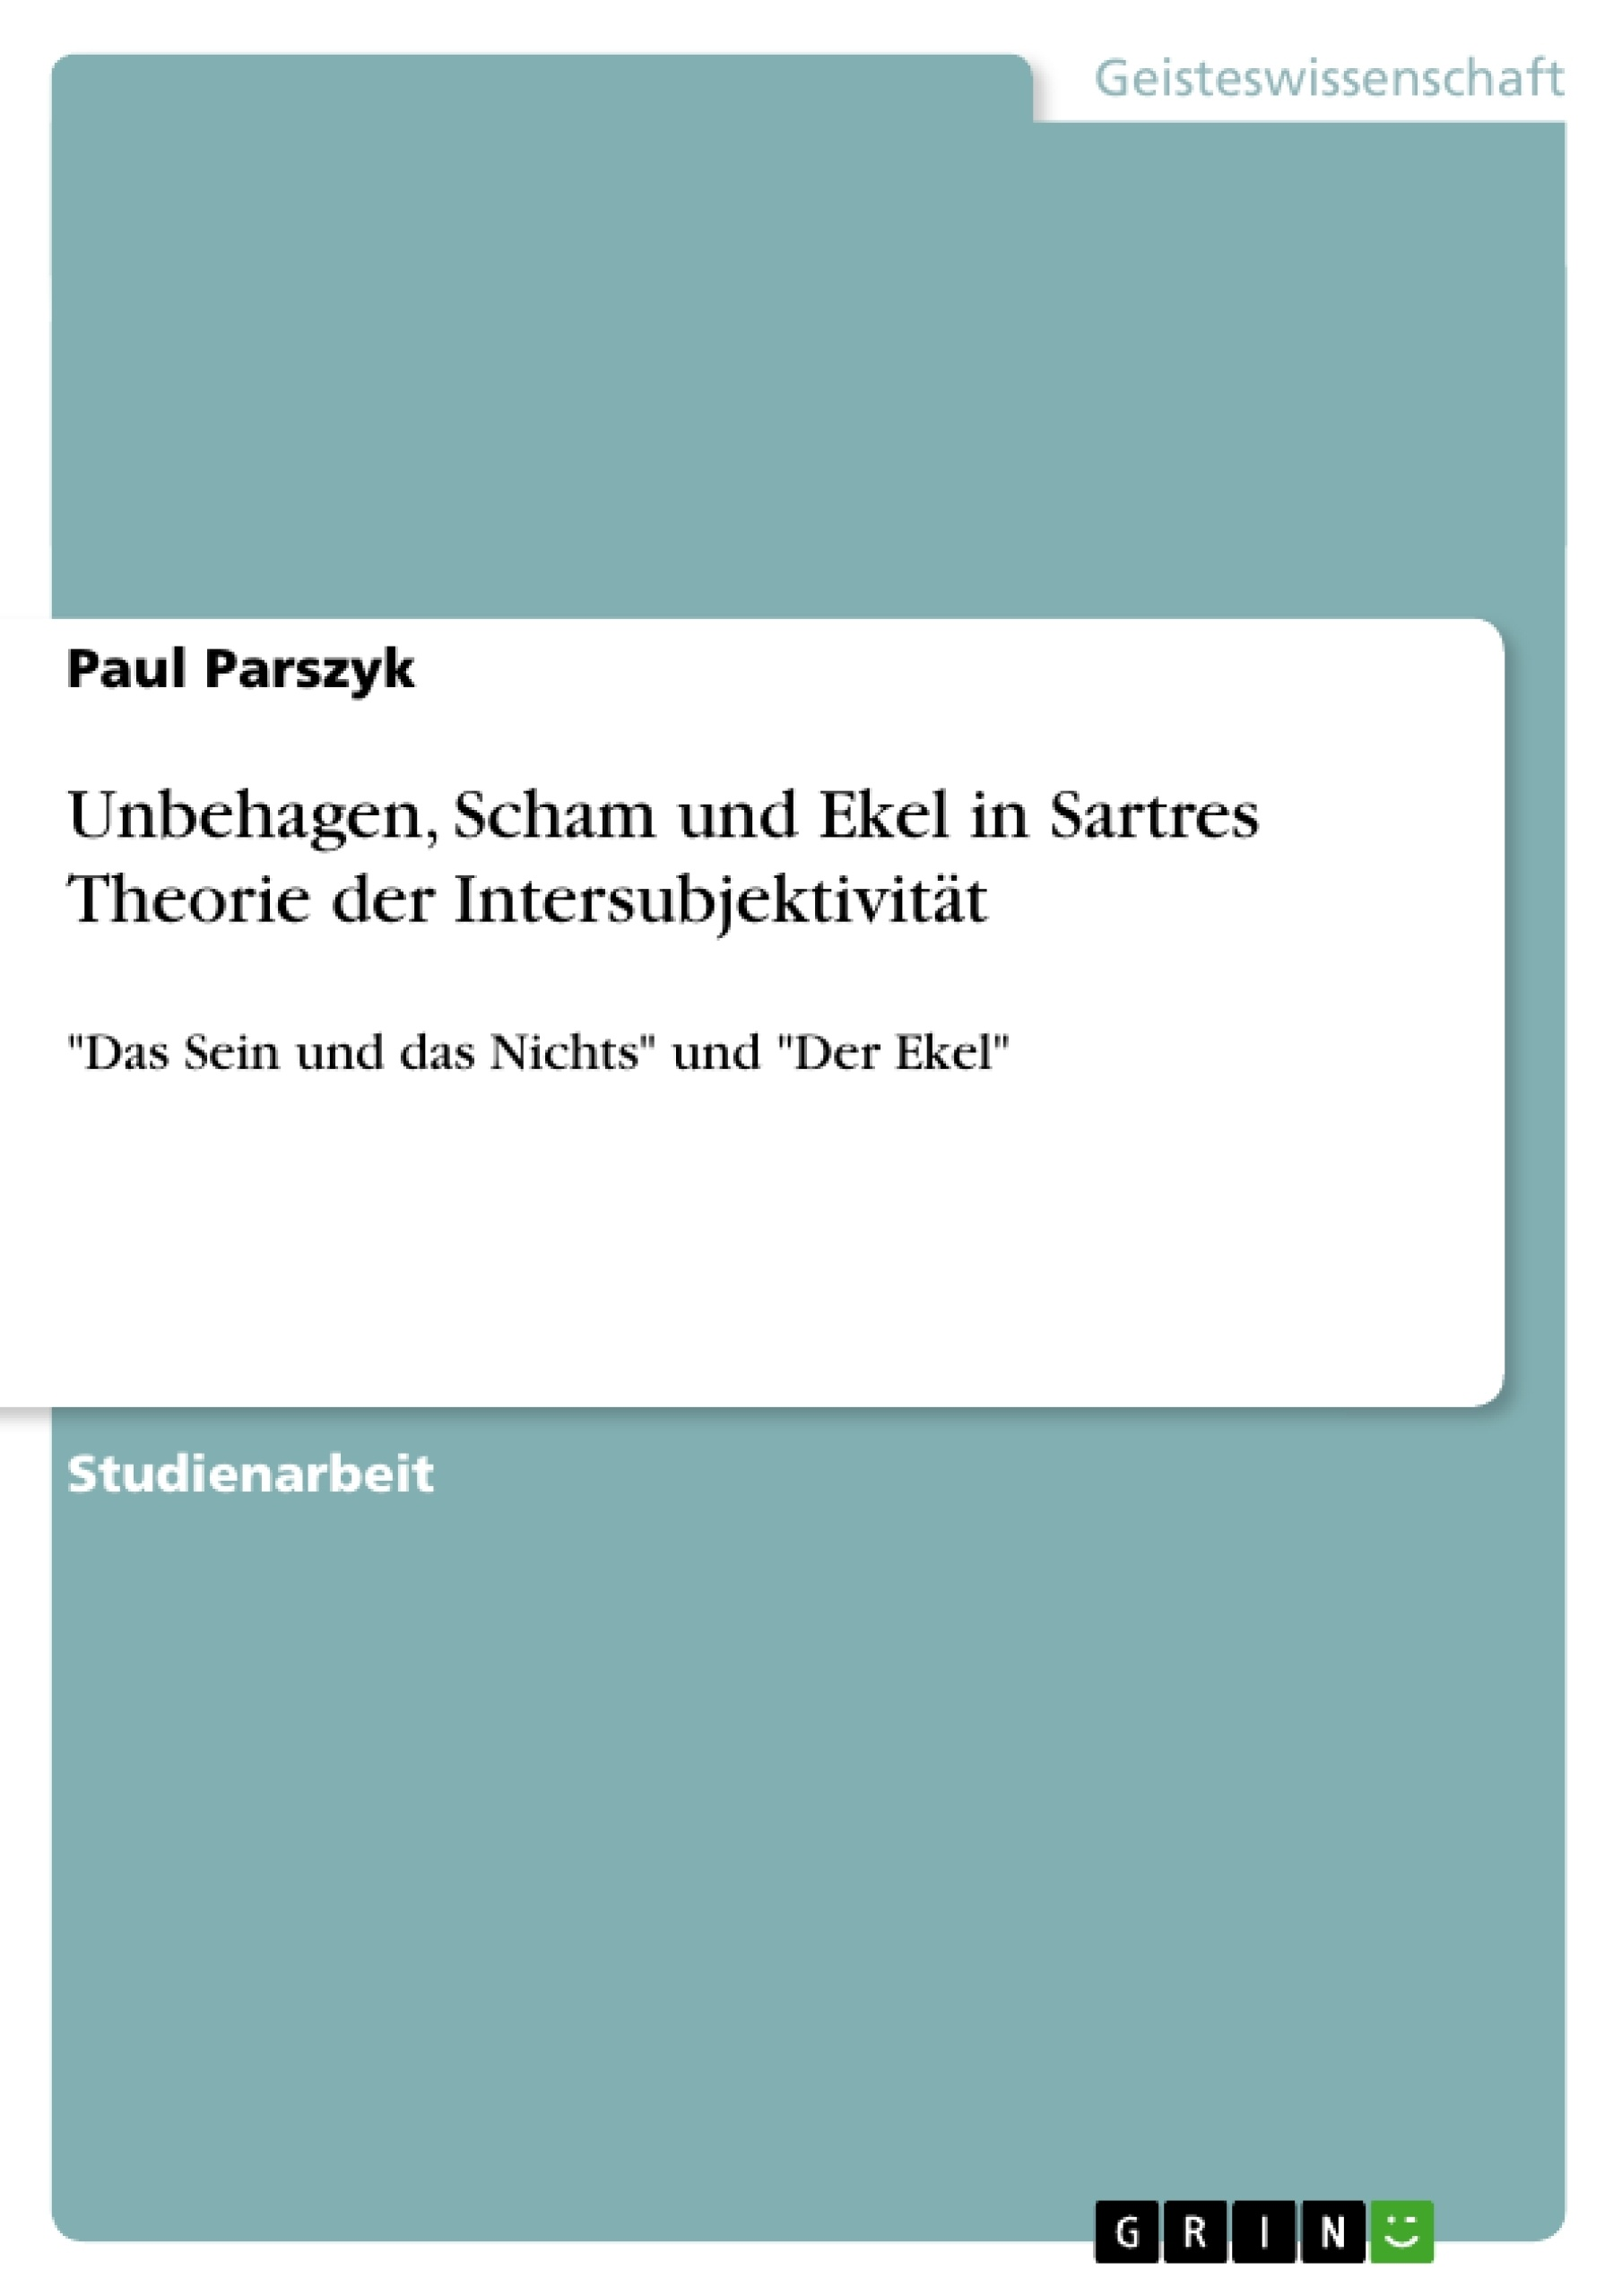 Titel: Unbehagen, Scham und Ekel in Sartres Theorie der Intersubjektivität